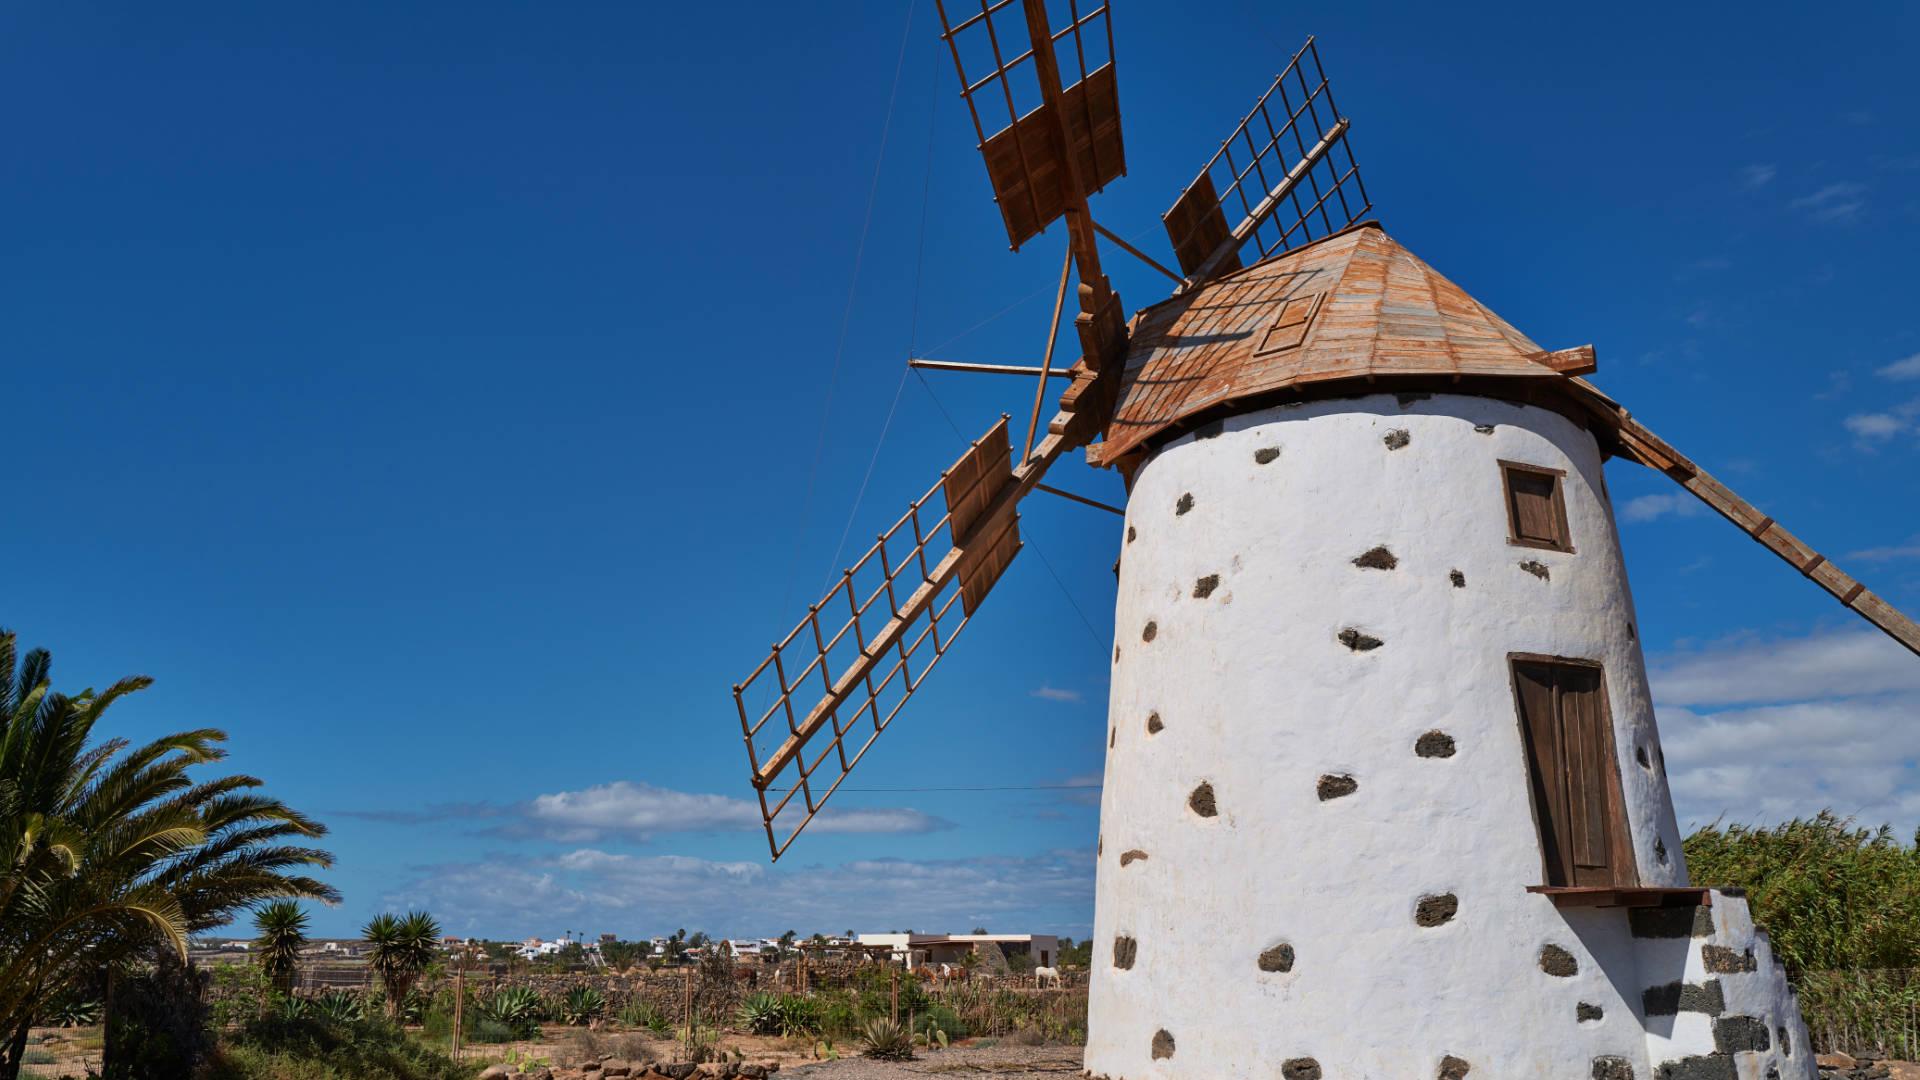 Die Windmühle von El Roque auf Fuerteventura.